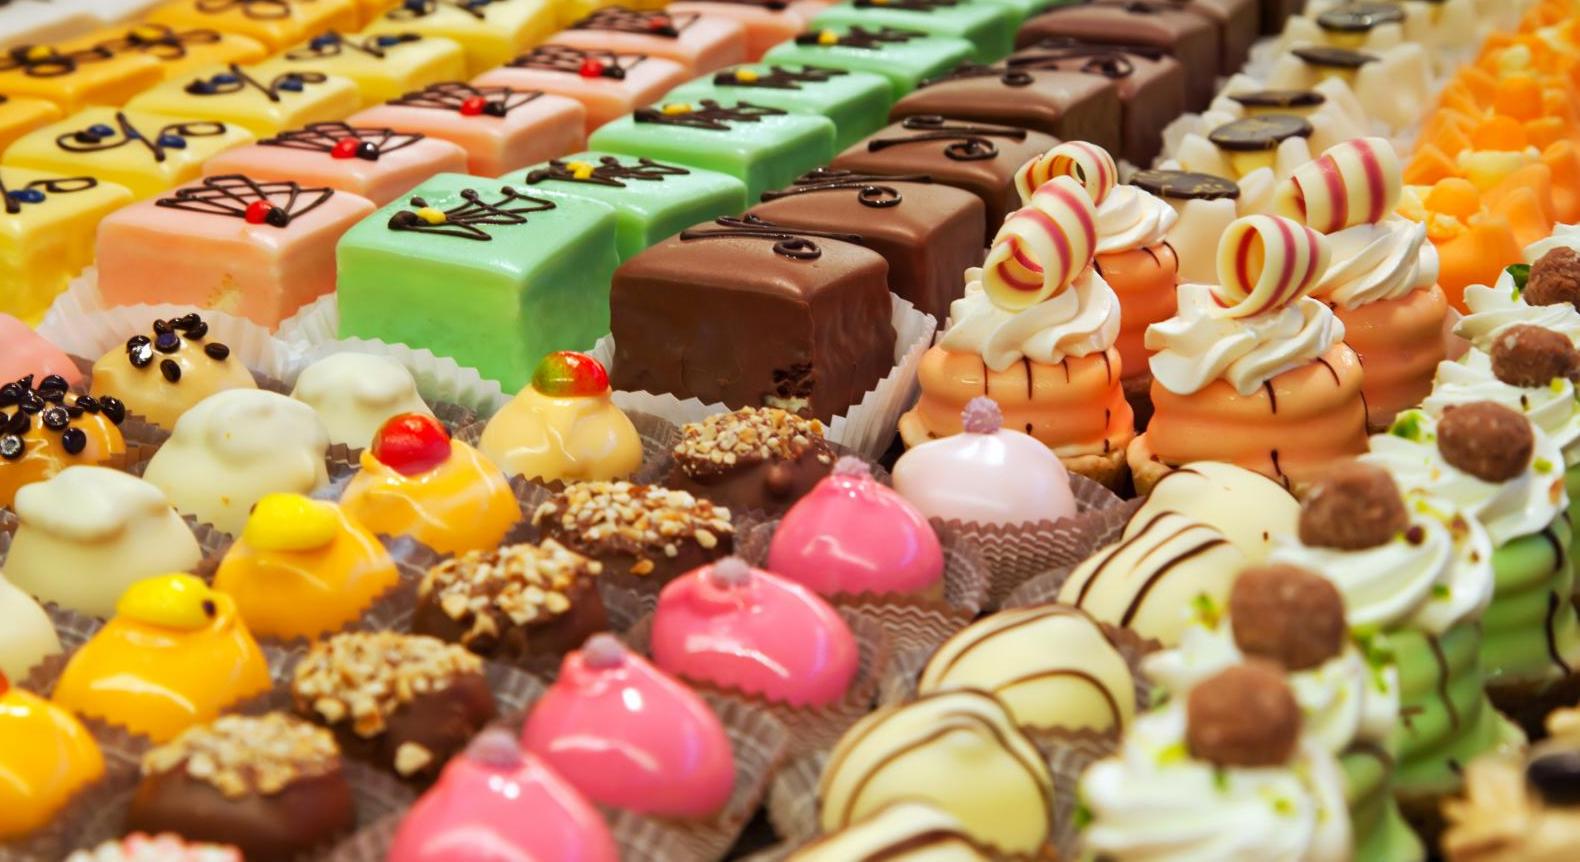 Hãy đến với banhngot.vn để được tư vấn những mẫu bánh độc đáo và mới lạ nhất